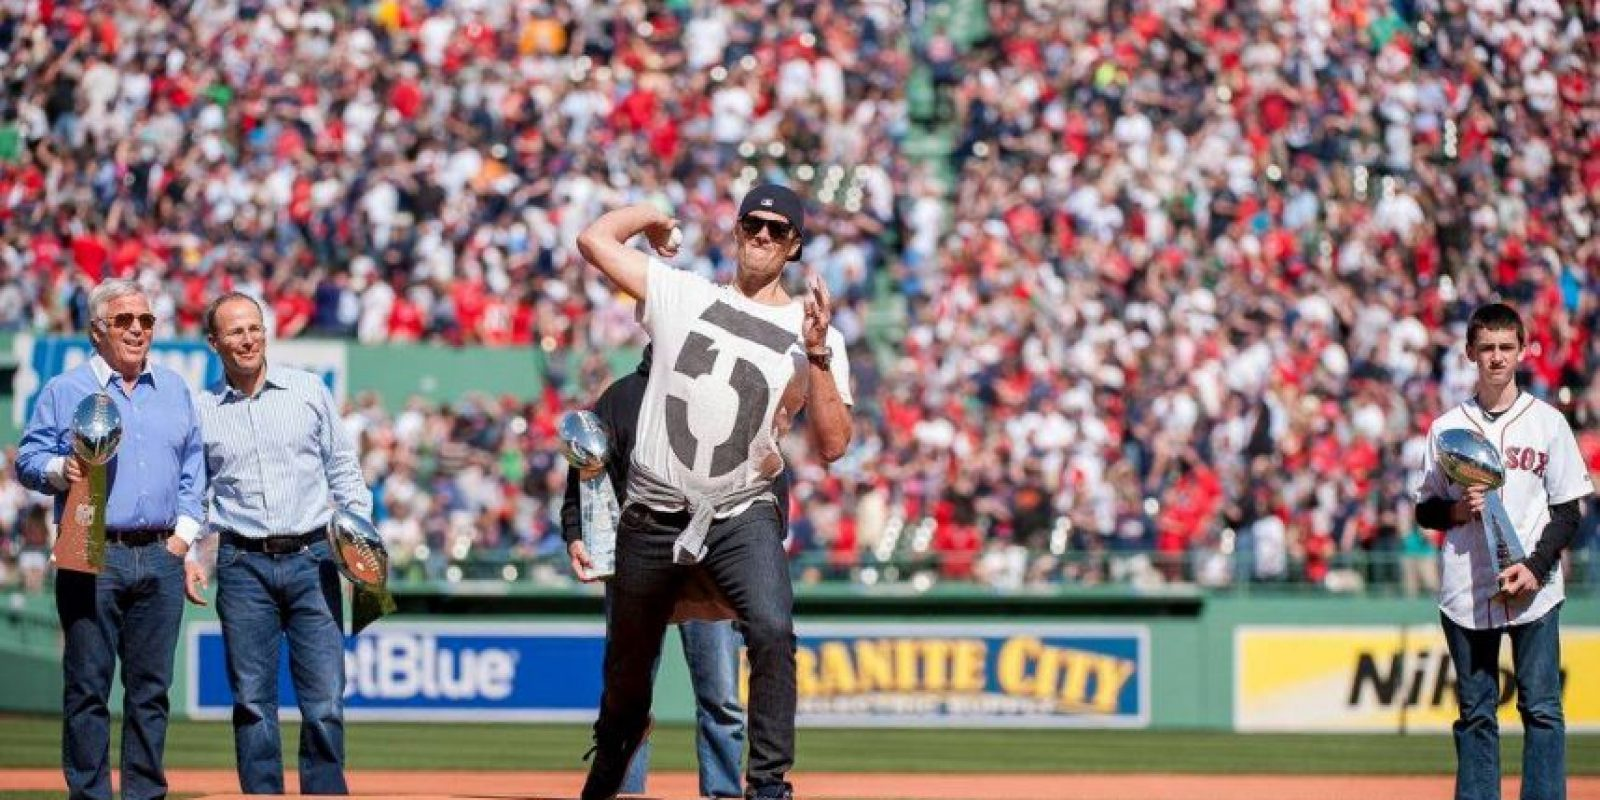 """Tom Brady, mariscal de campo de los Patriotas de Nueva Inglaterra fue el """"invitado de honor"""" en Fenway Park, casa de los Medias Rojas de Boston. Foto:Vía facebook.com/RedSox"""